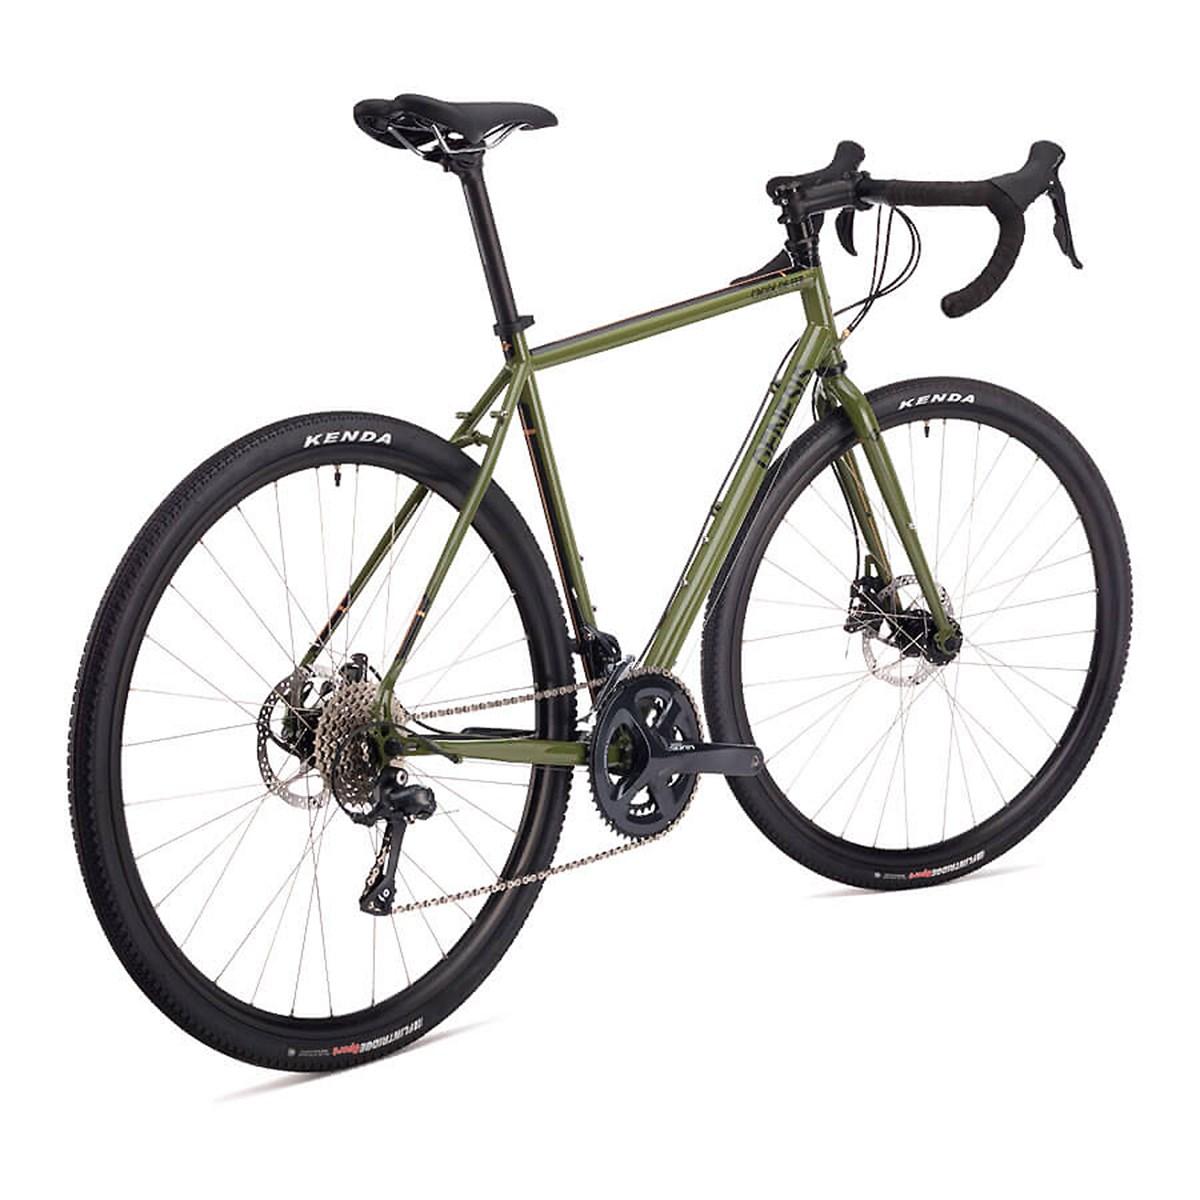 2017 Genesis Croix de Fer 10 Bike £899.99